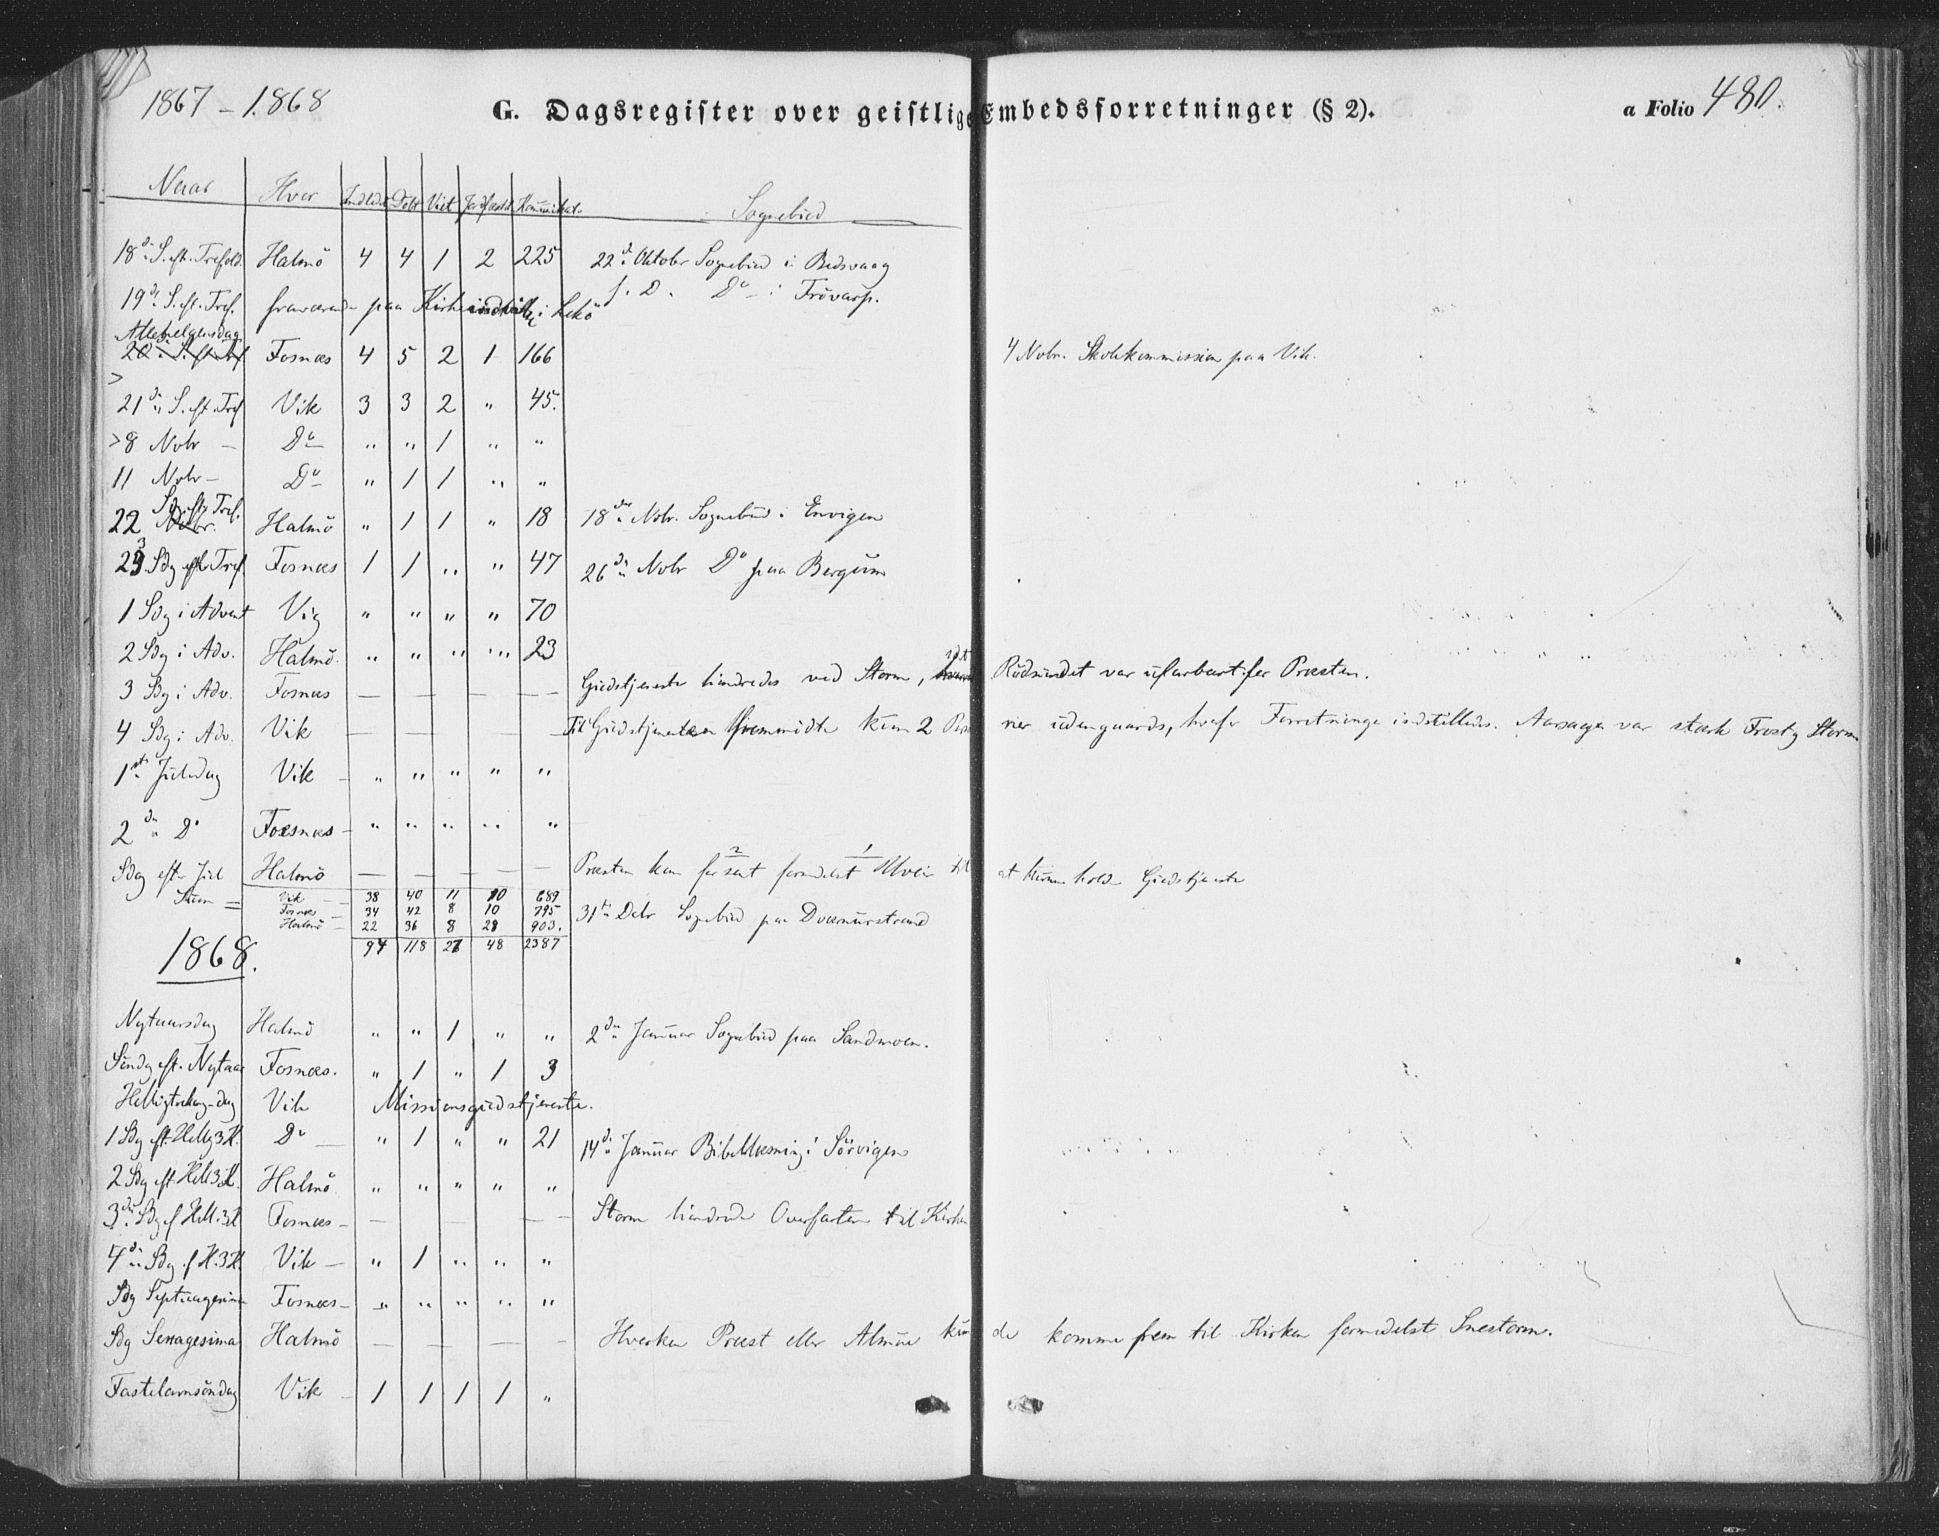 SAT, Ministerialprotokoller, klokkerbøker og fødselsregistre - Nord-Trøndelag, 773/L0615: Ministerialbok nr. 773A06, 1857-1870, s. 480